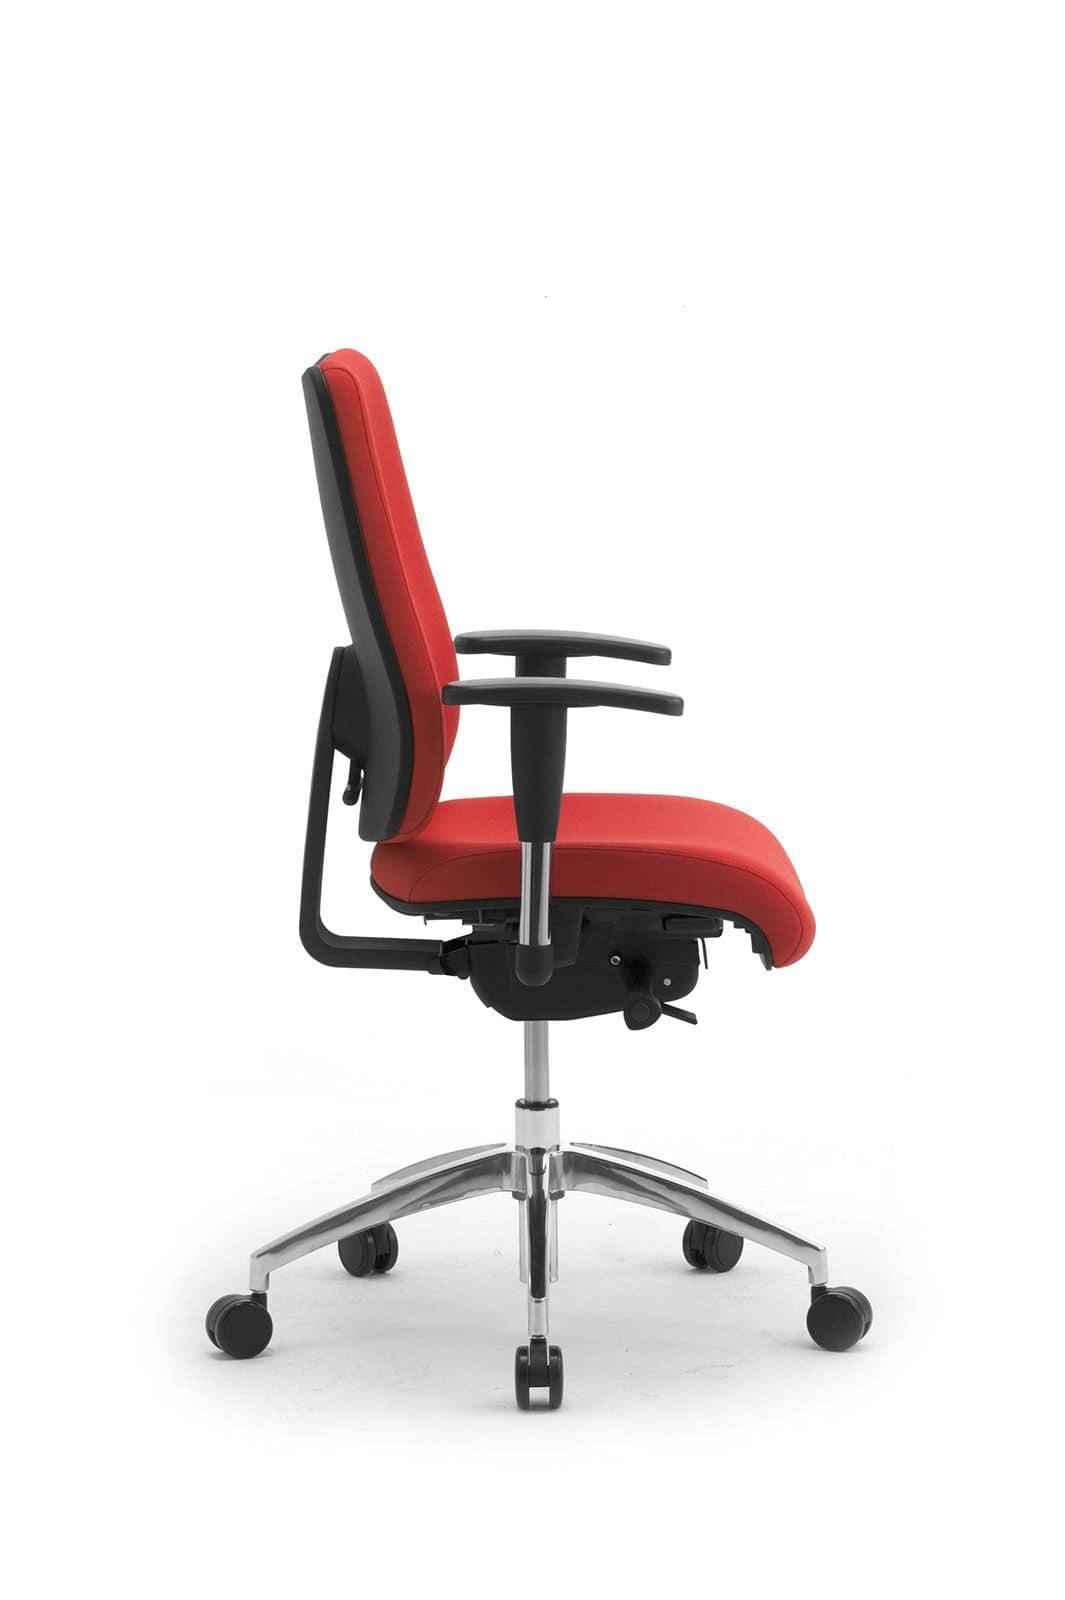 DD 2 operativa 53722, Sedia operativa da ufficio,seduta e schienale imbottiti